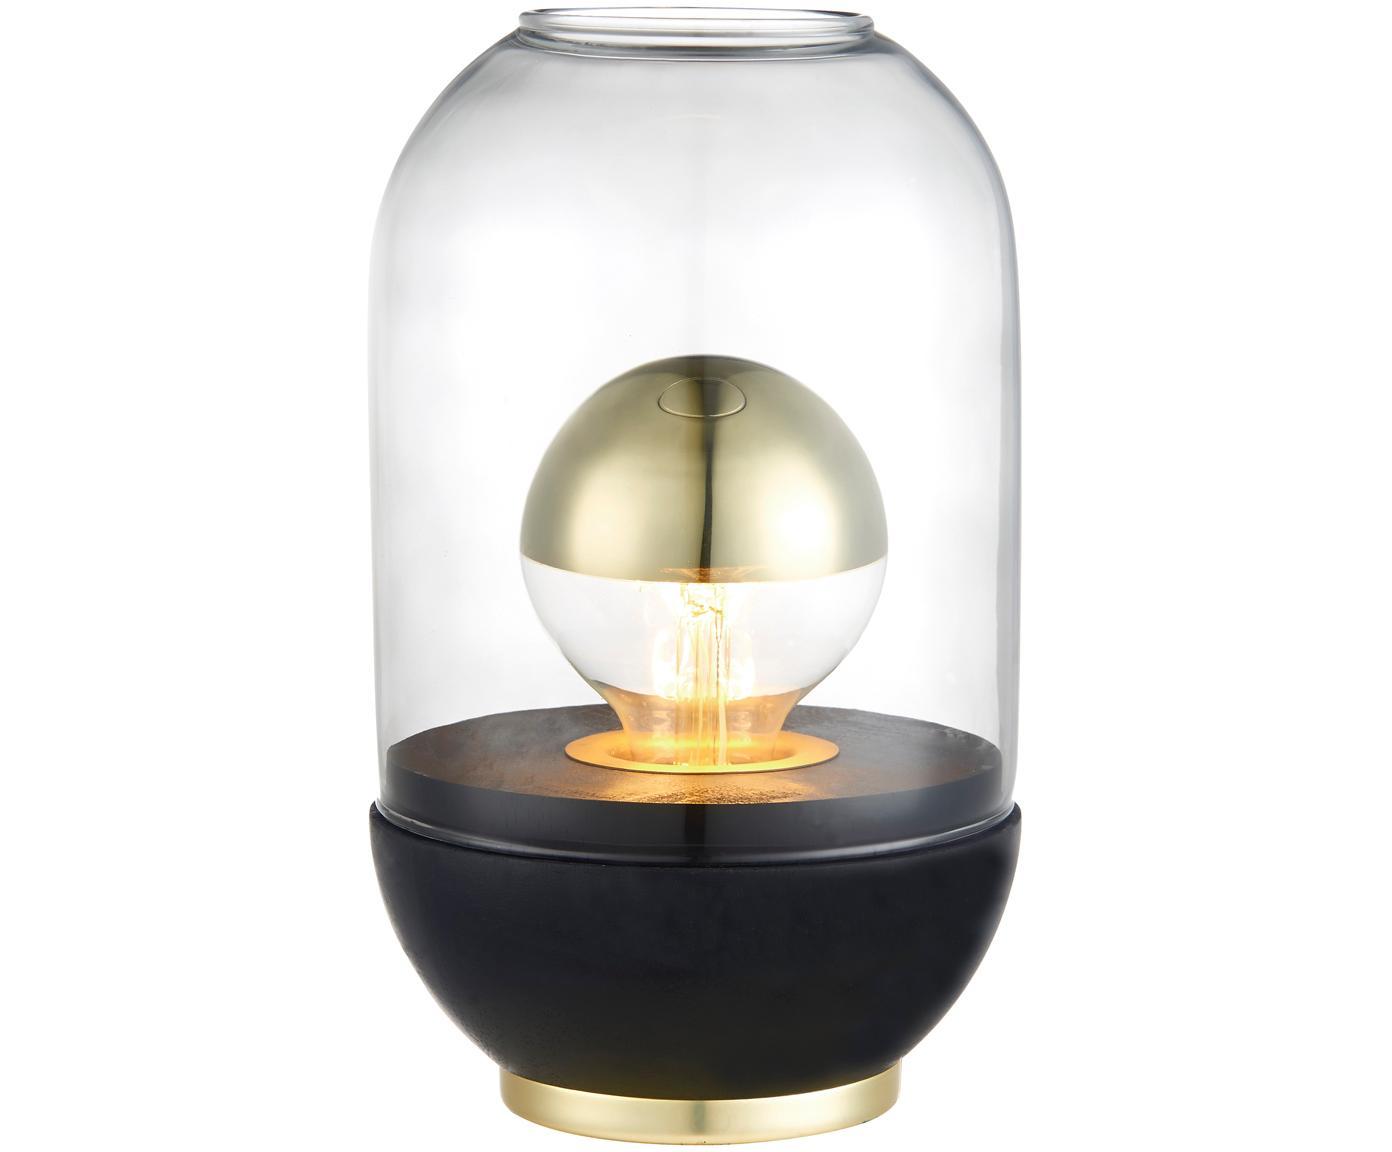 Mała lampa stołowa Pillola, Transparentny, czarny, Ø 14 x W 24 cm